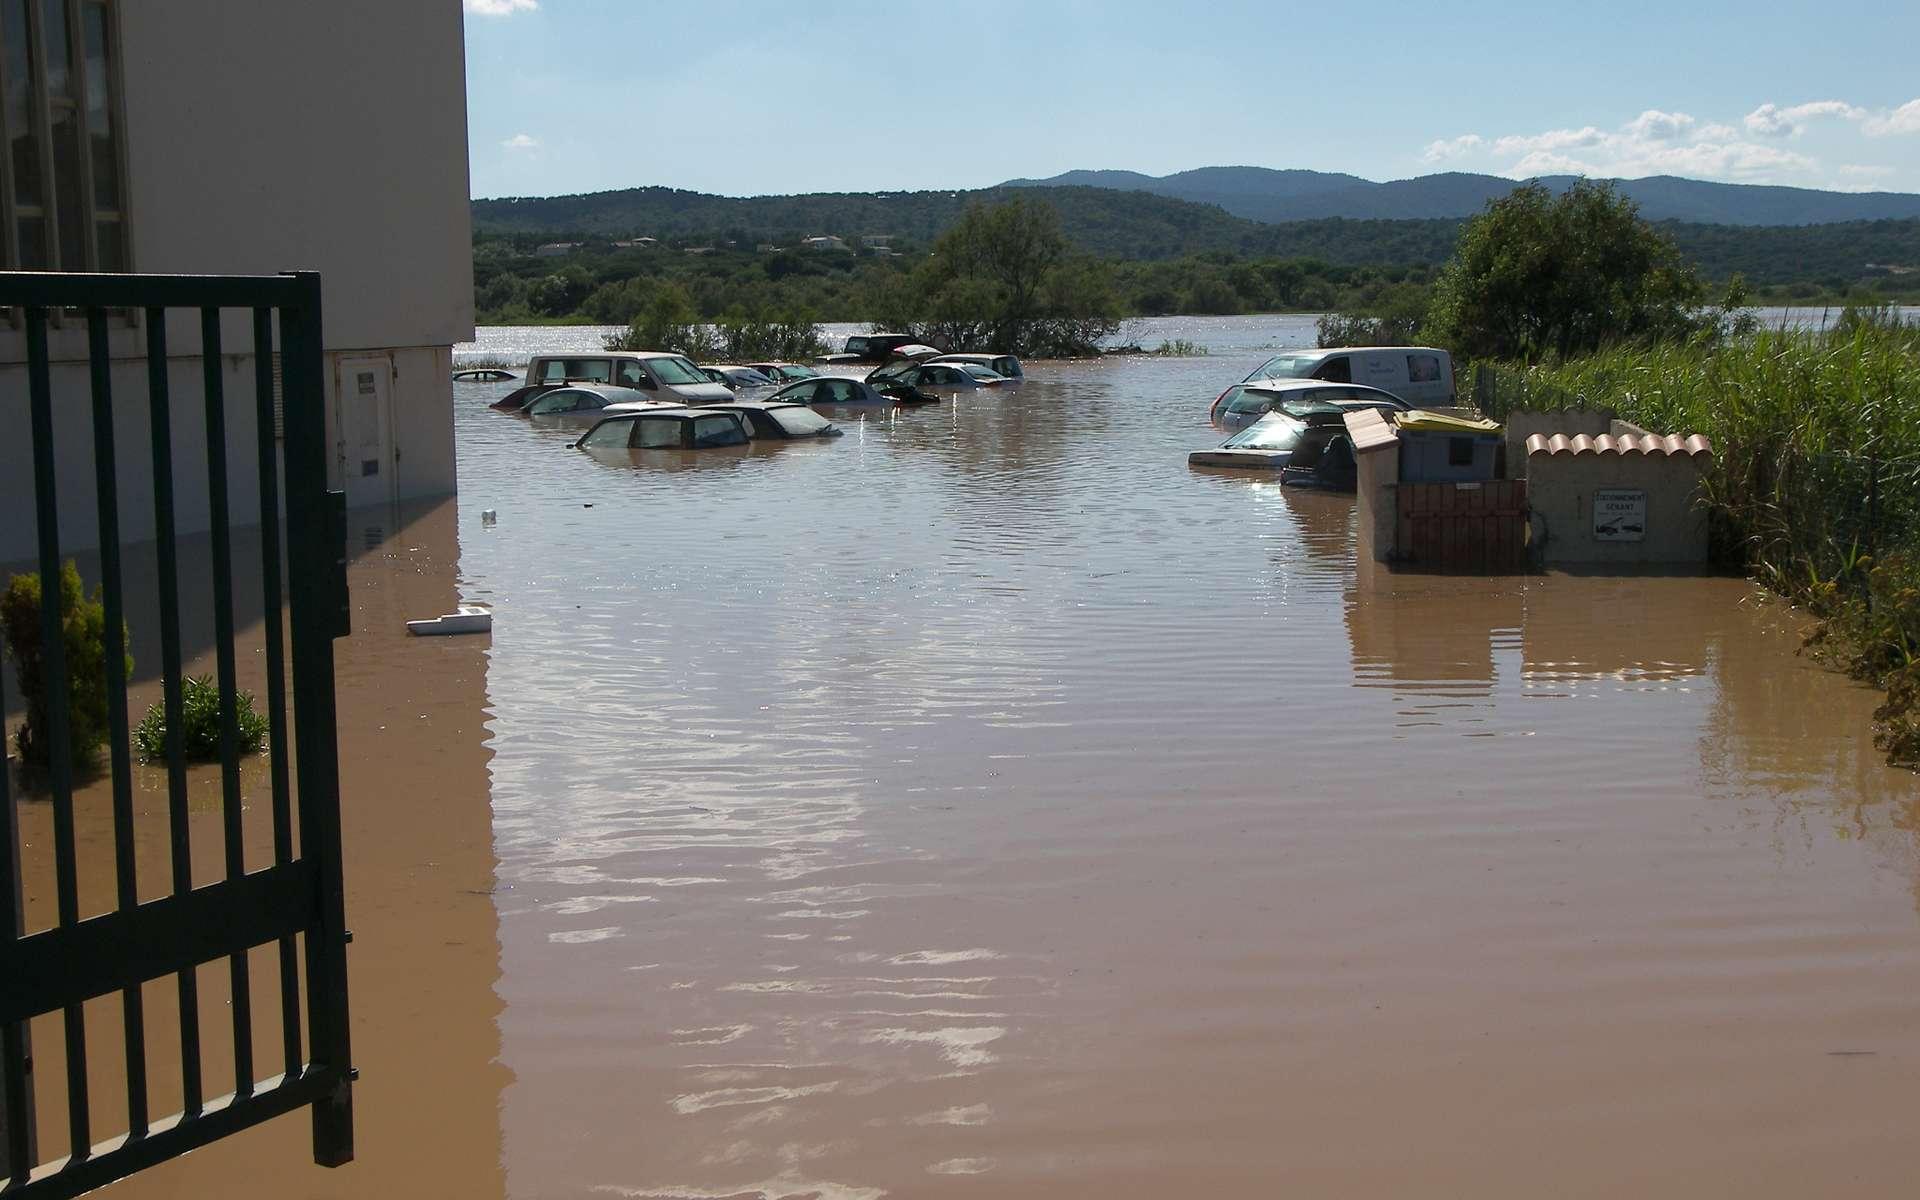 Les terribles inondations de juin 2010 dans le Var (ici dans la commune de Fréjus) restent ancrées dans les mémoires. ©️ Service Hydraulique Cours d'Eau (SHCE)/Cavem